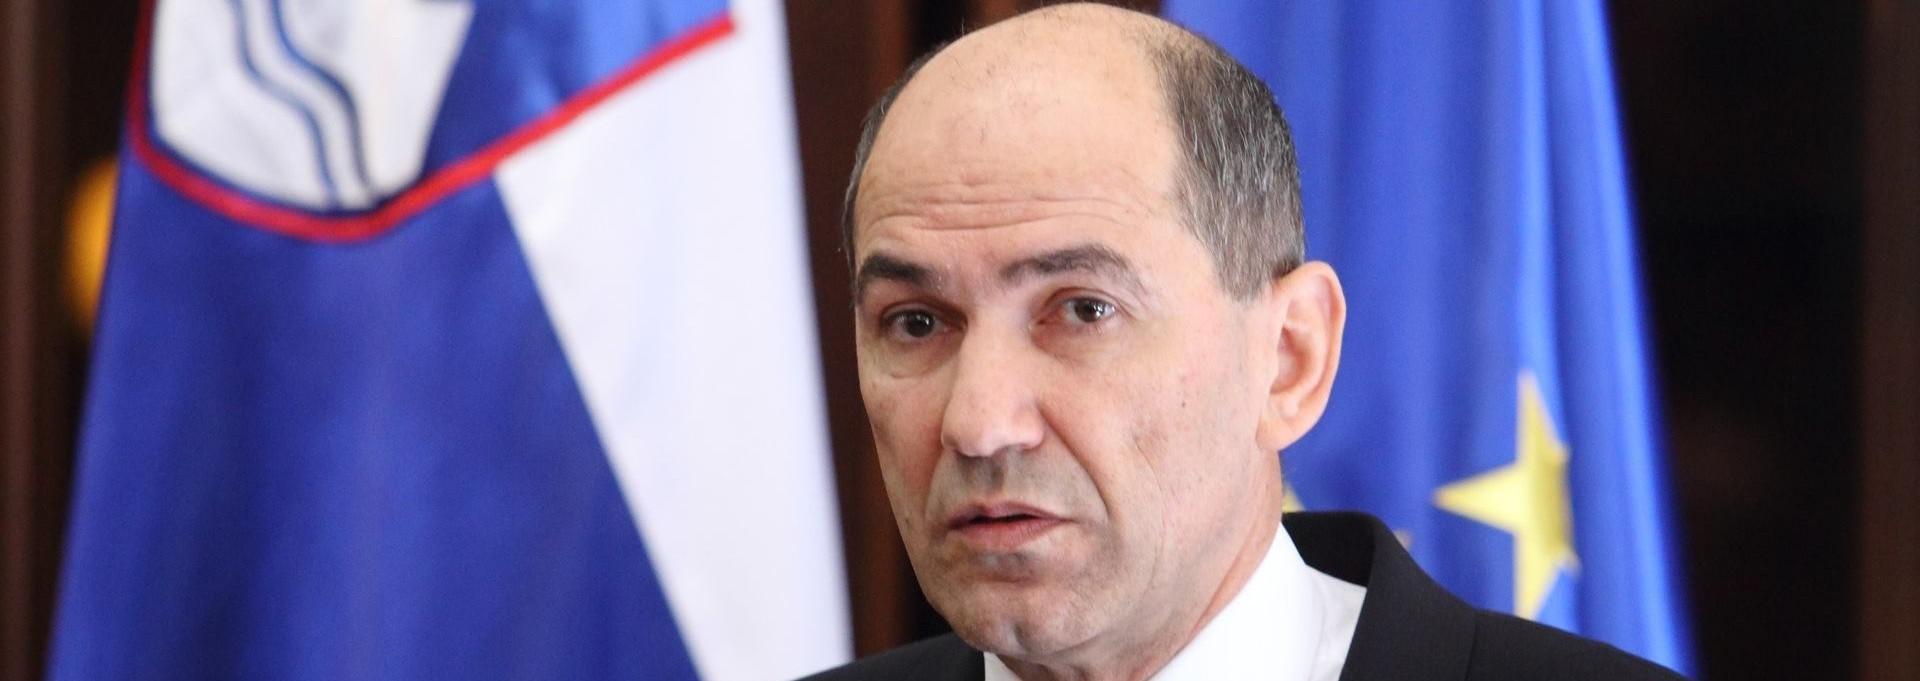 """JANŠA """"Ne slažu se sve slovenske stranke oko tužbe Hrvatskoj"""""""